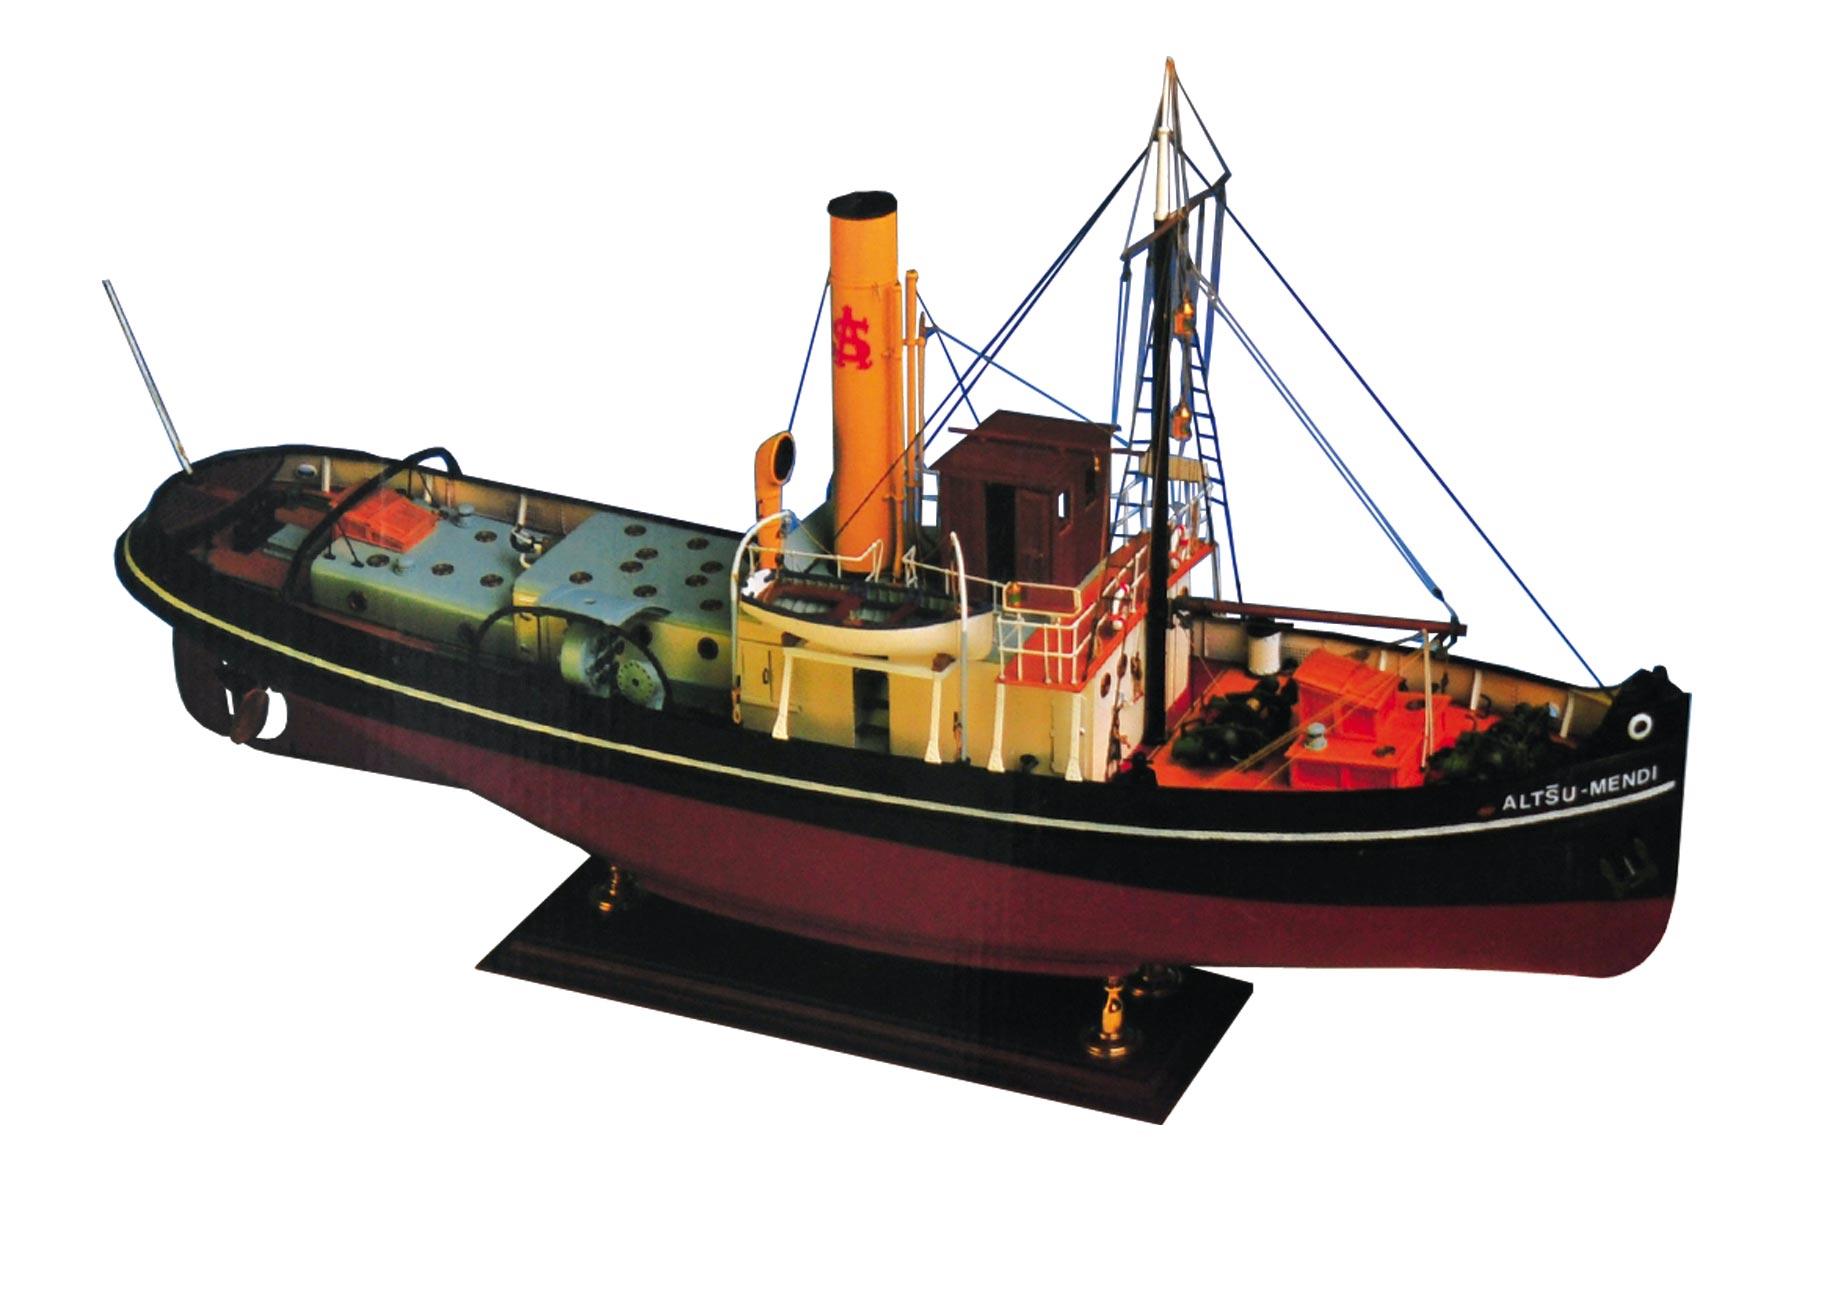 アルタス メンディ スチームタグボート画像